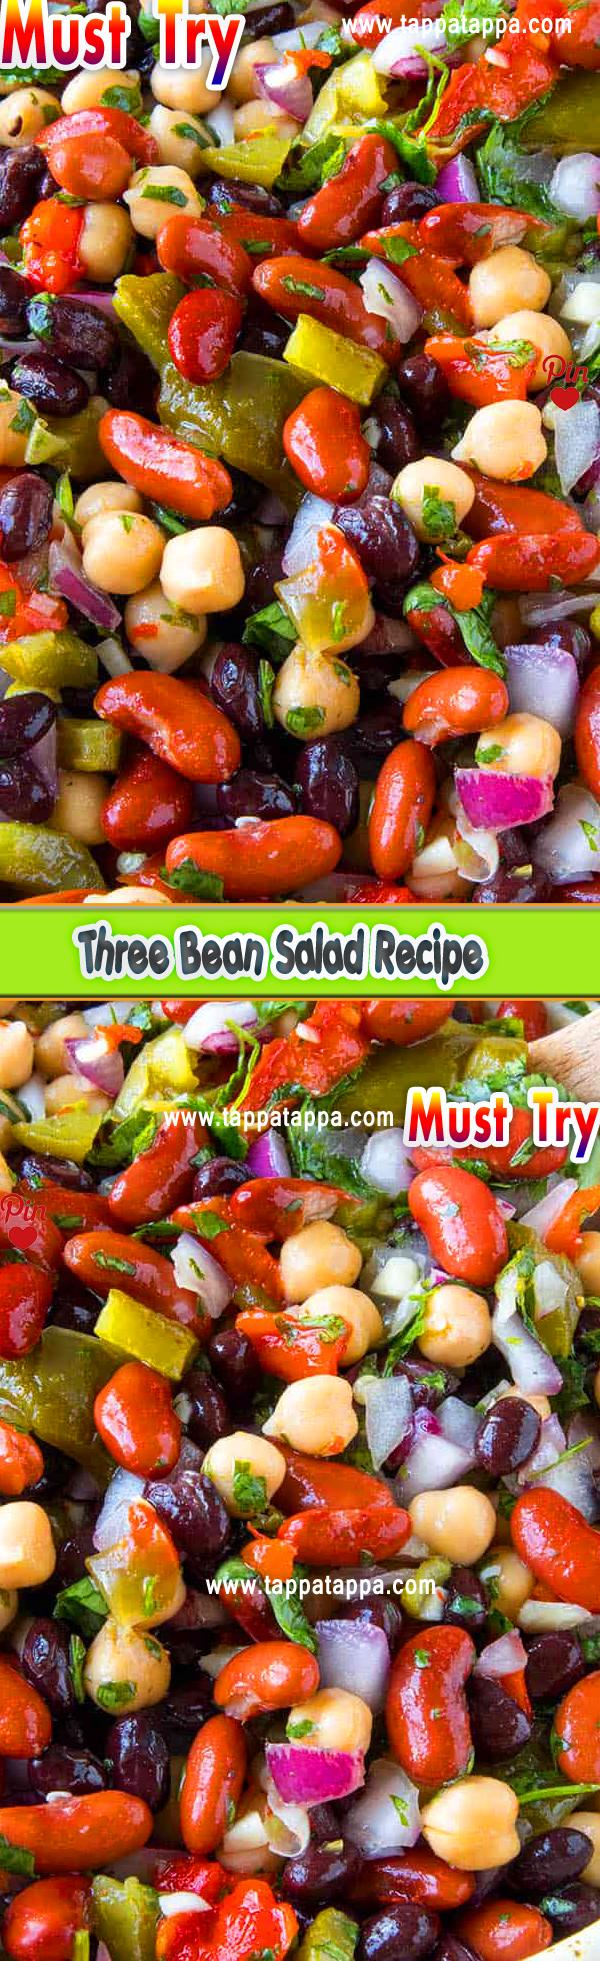 Three Bean Salad Recipe In 2020 Bean Salad Recipes Salad Recipes Uk Recipes